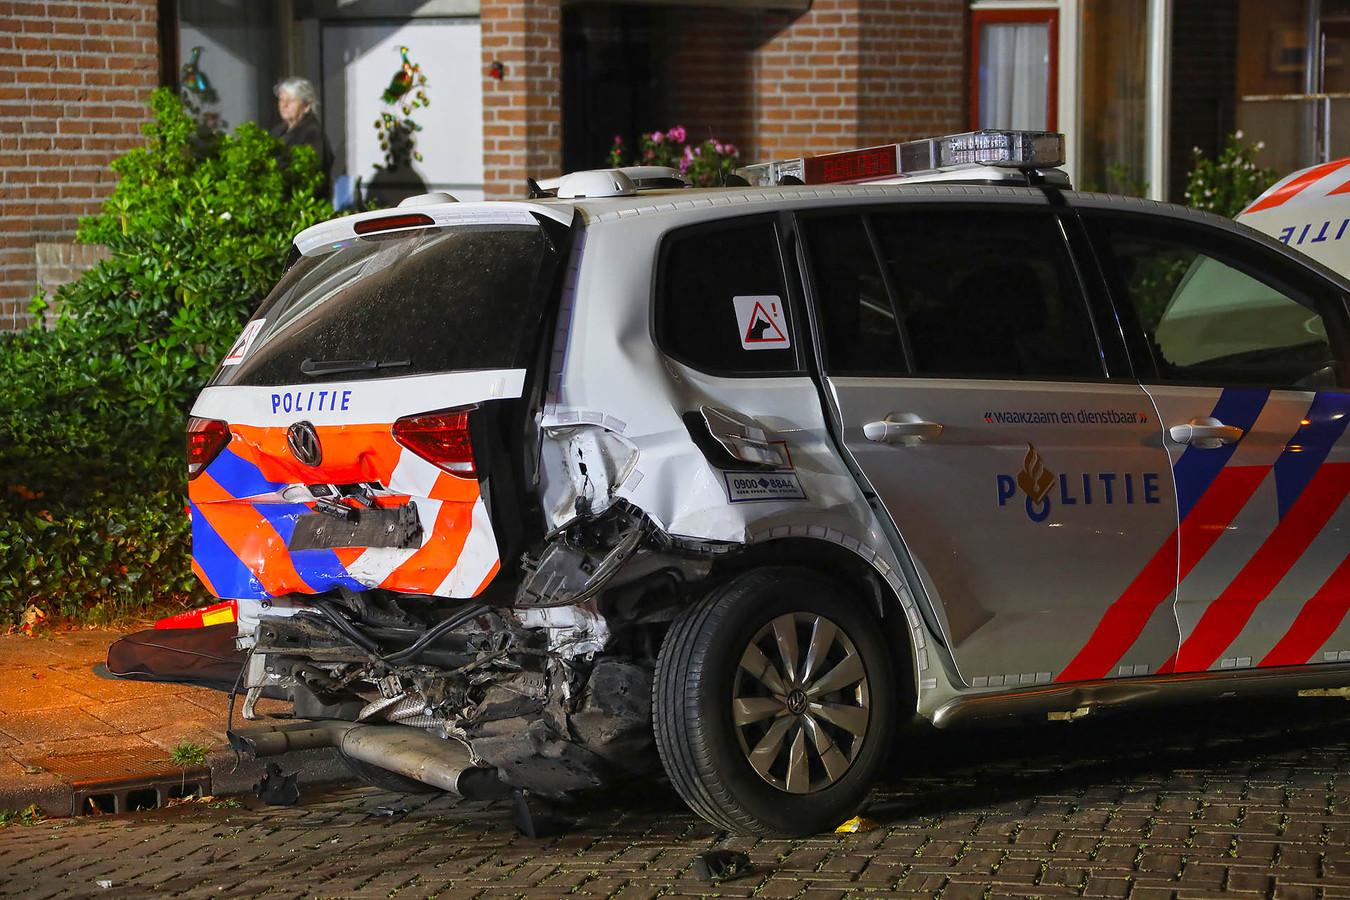 De politieauto is ook beschadigd geraakt.